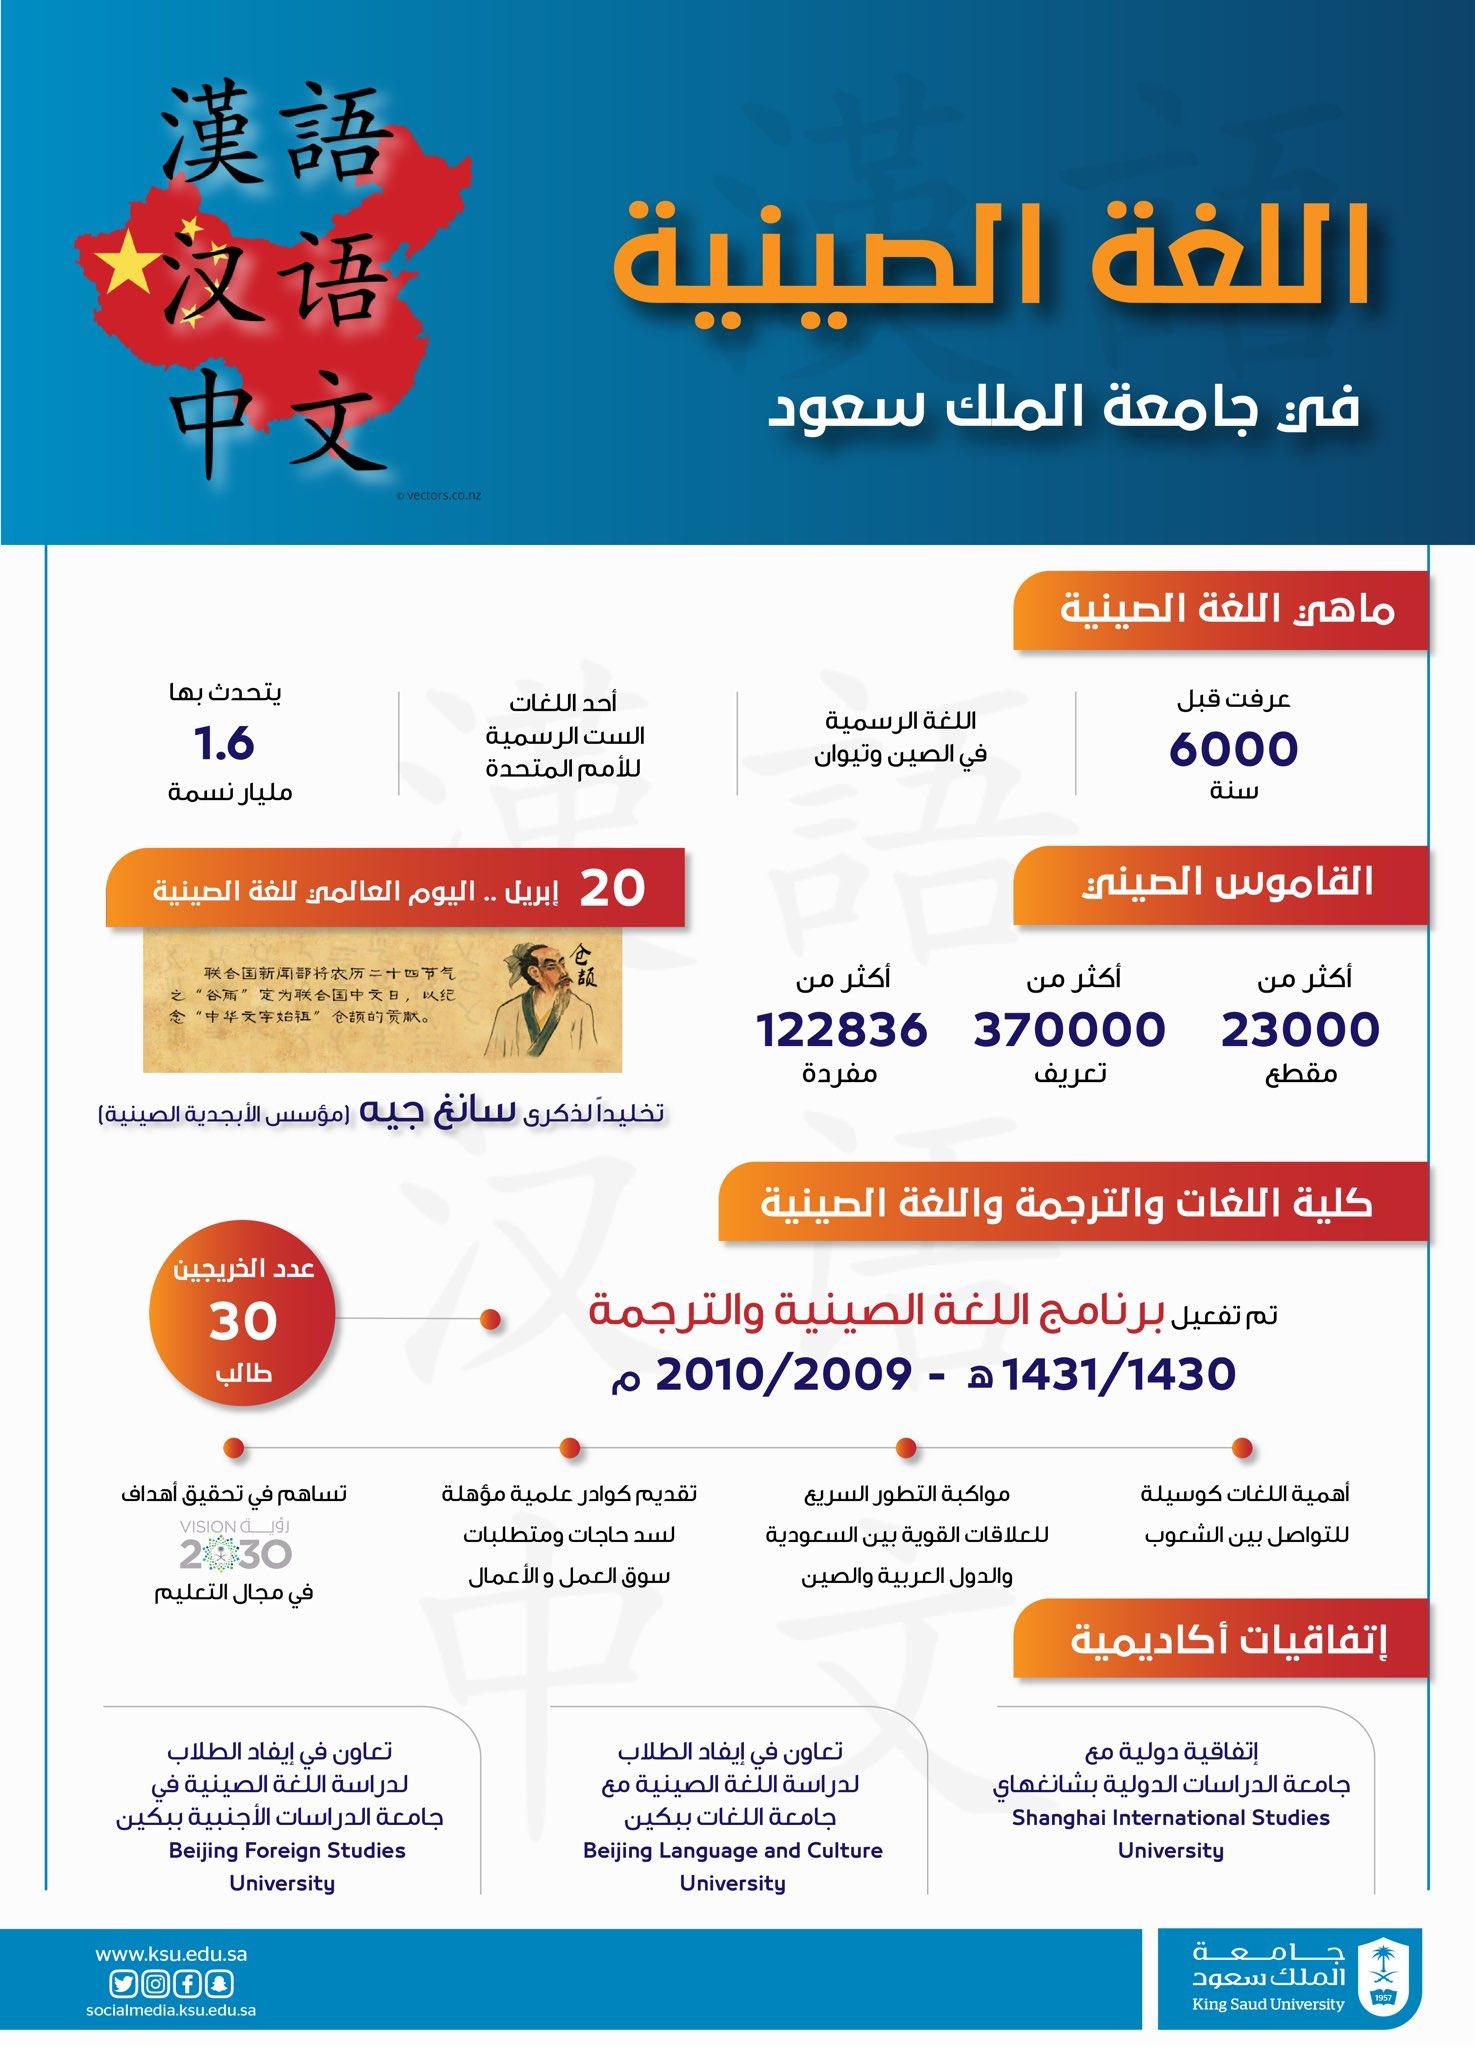 جامعة الملك سعود On Twitter الريادة في تعليم اللغة الصينية إلى آفاق جديدة ادراج اللغه الصينية في المناهج